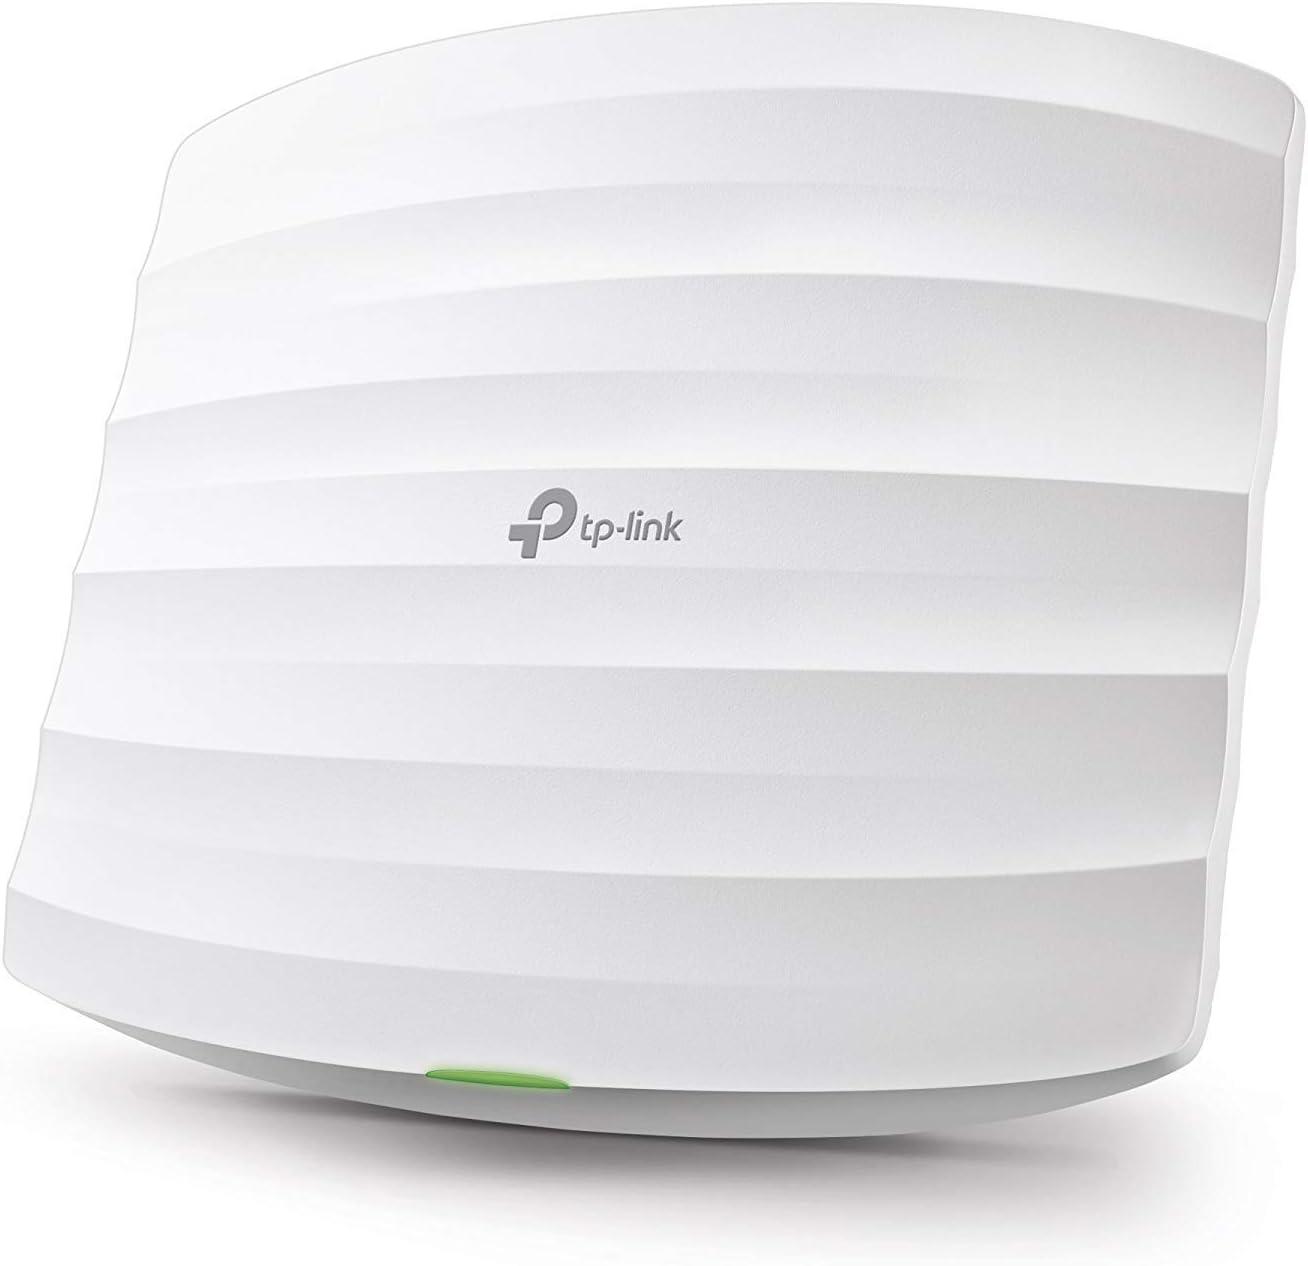 TP-Link EAP245 - Punto de Acceso Gigabit Inalámbrico de Doble Banda AC1750 WLAN, con Montaje de Techo, MU-MIMO, Acceso a la nube, soporta PoE 802.3at